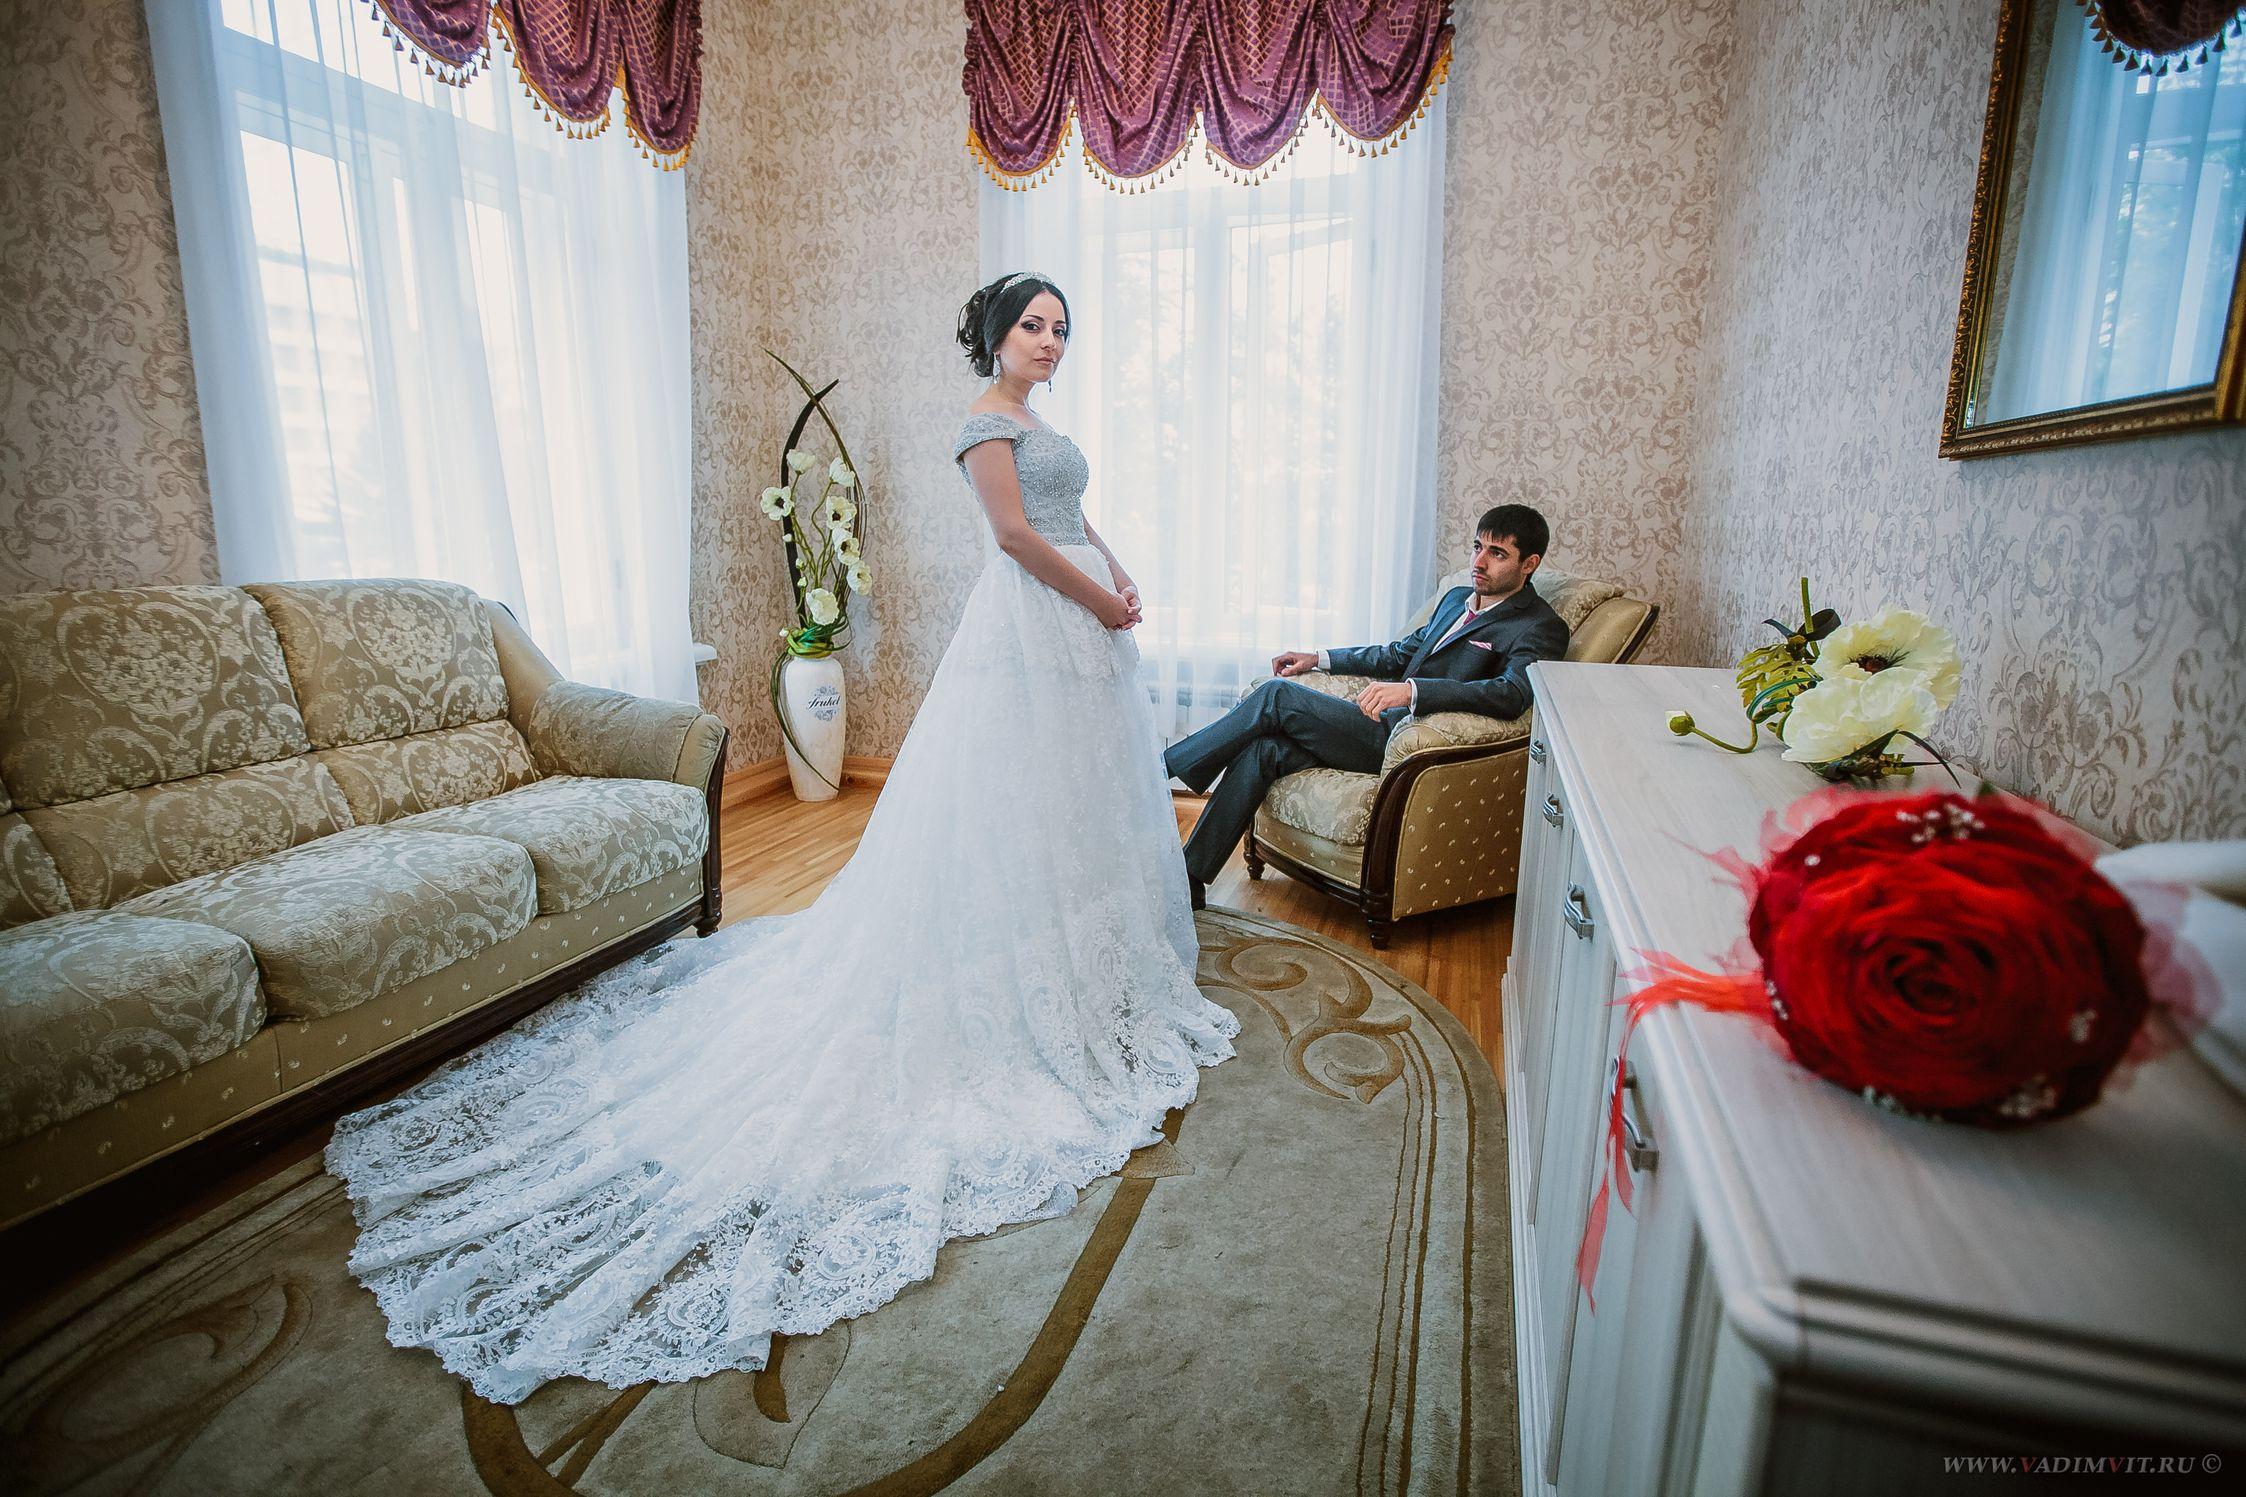 Комната жениха и невесты. Дом семейных торжеств